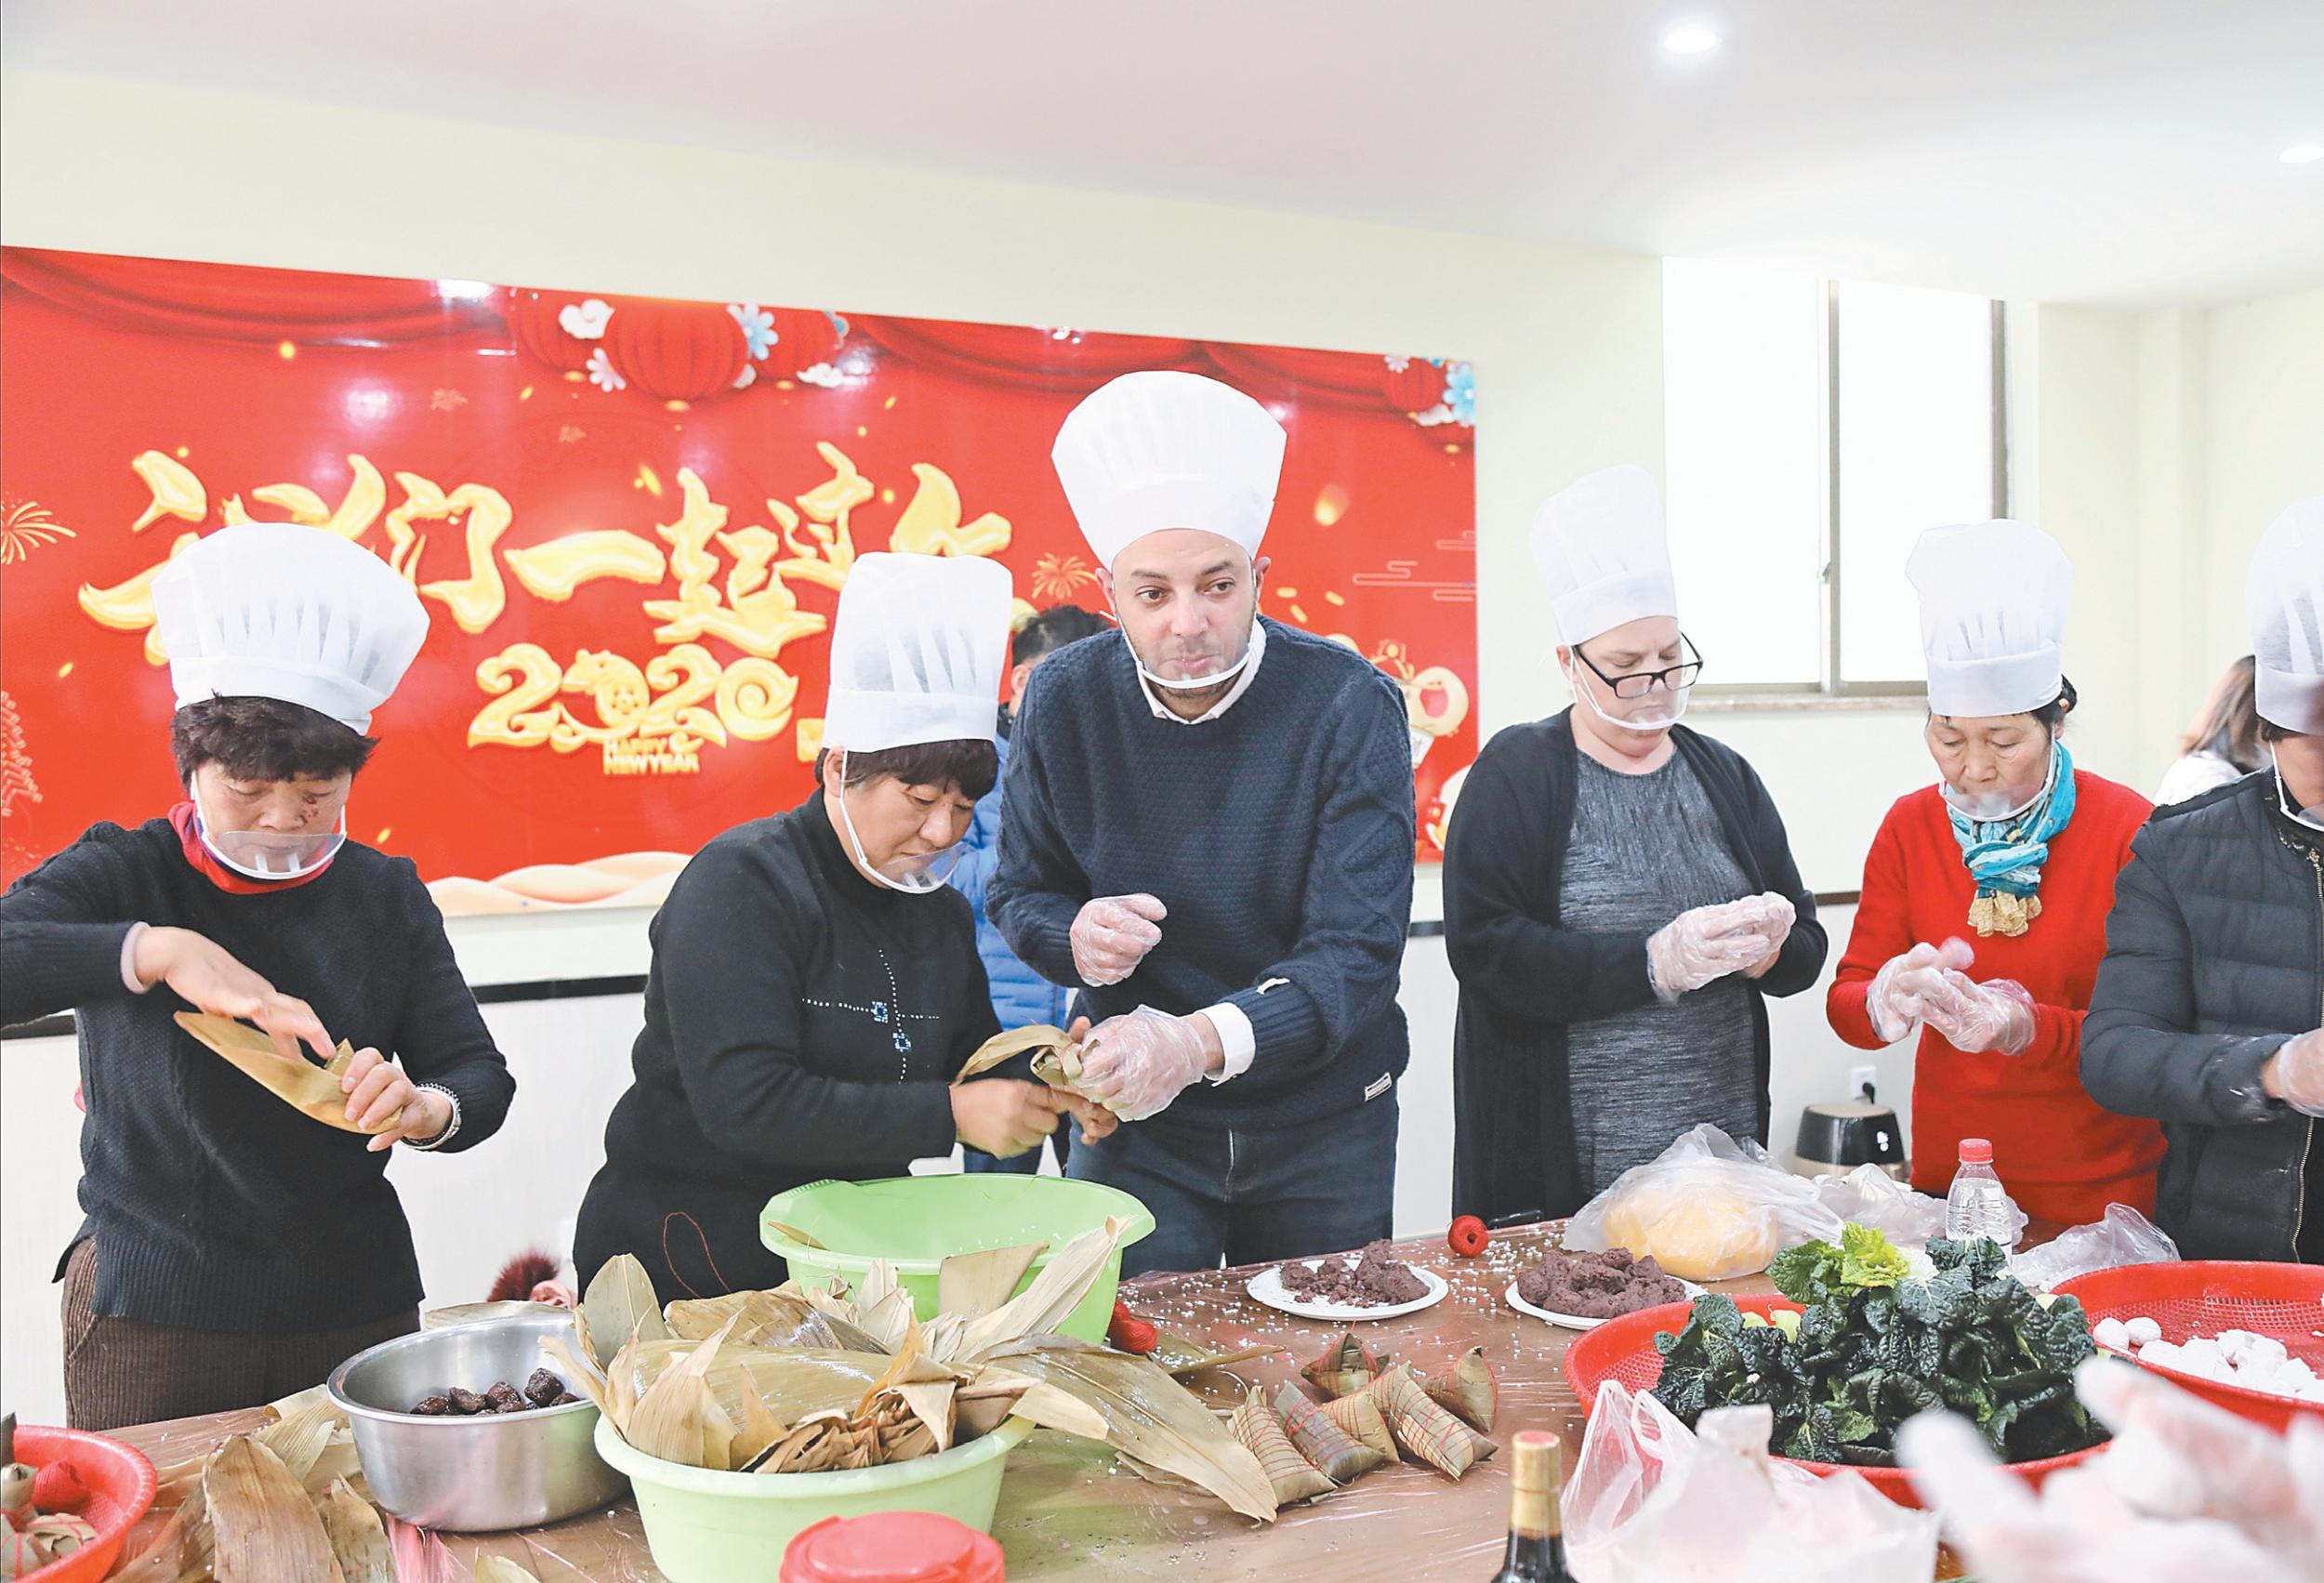 义乌:中外居民喜过中国小年